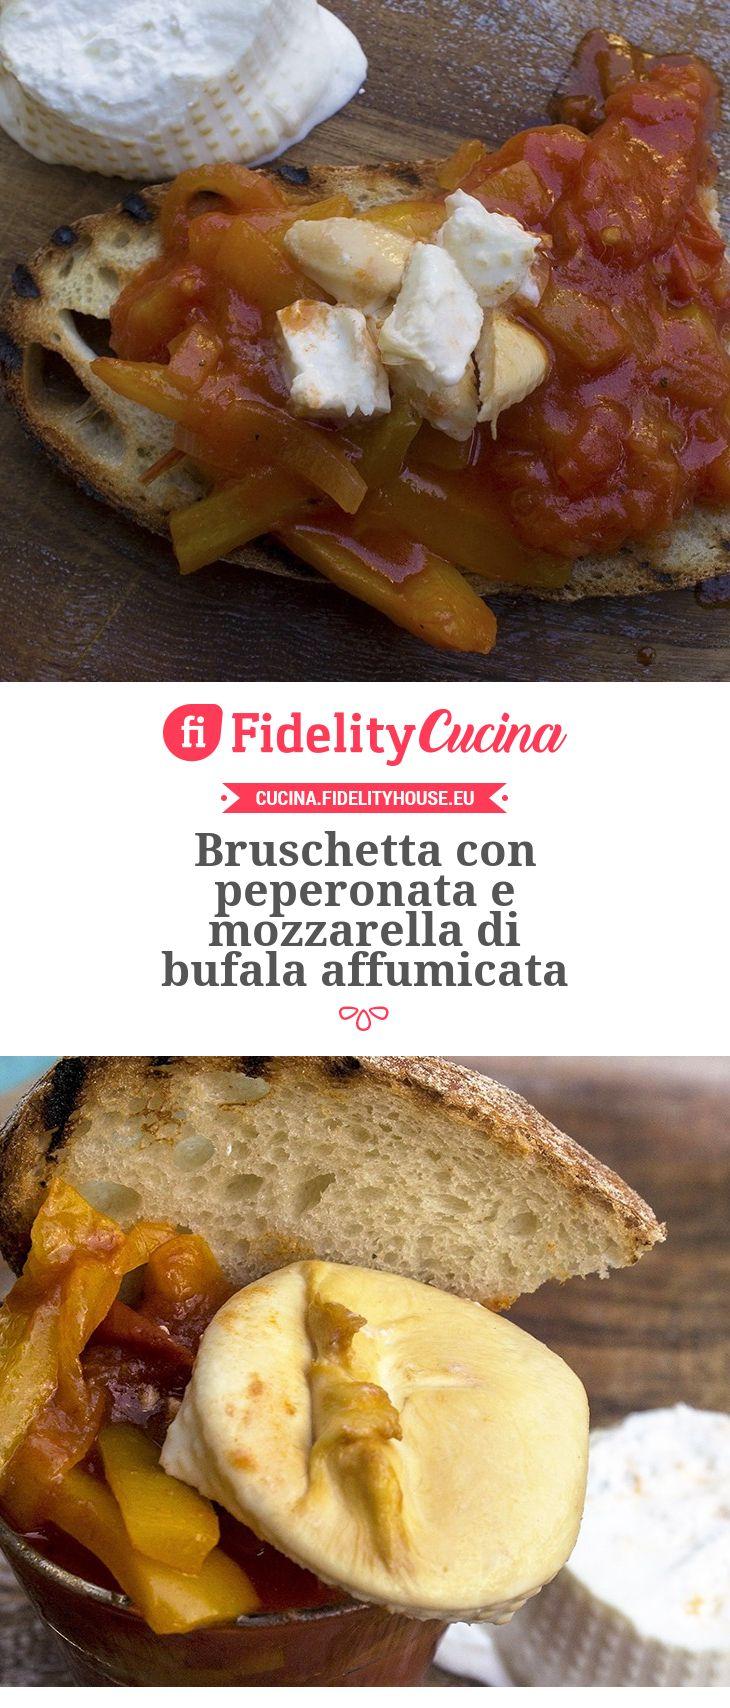 Bruschetta con peperonata e mozzarella di bufala affumicata